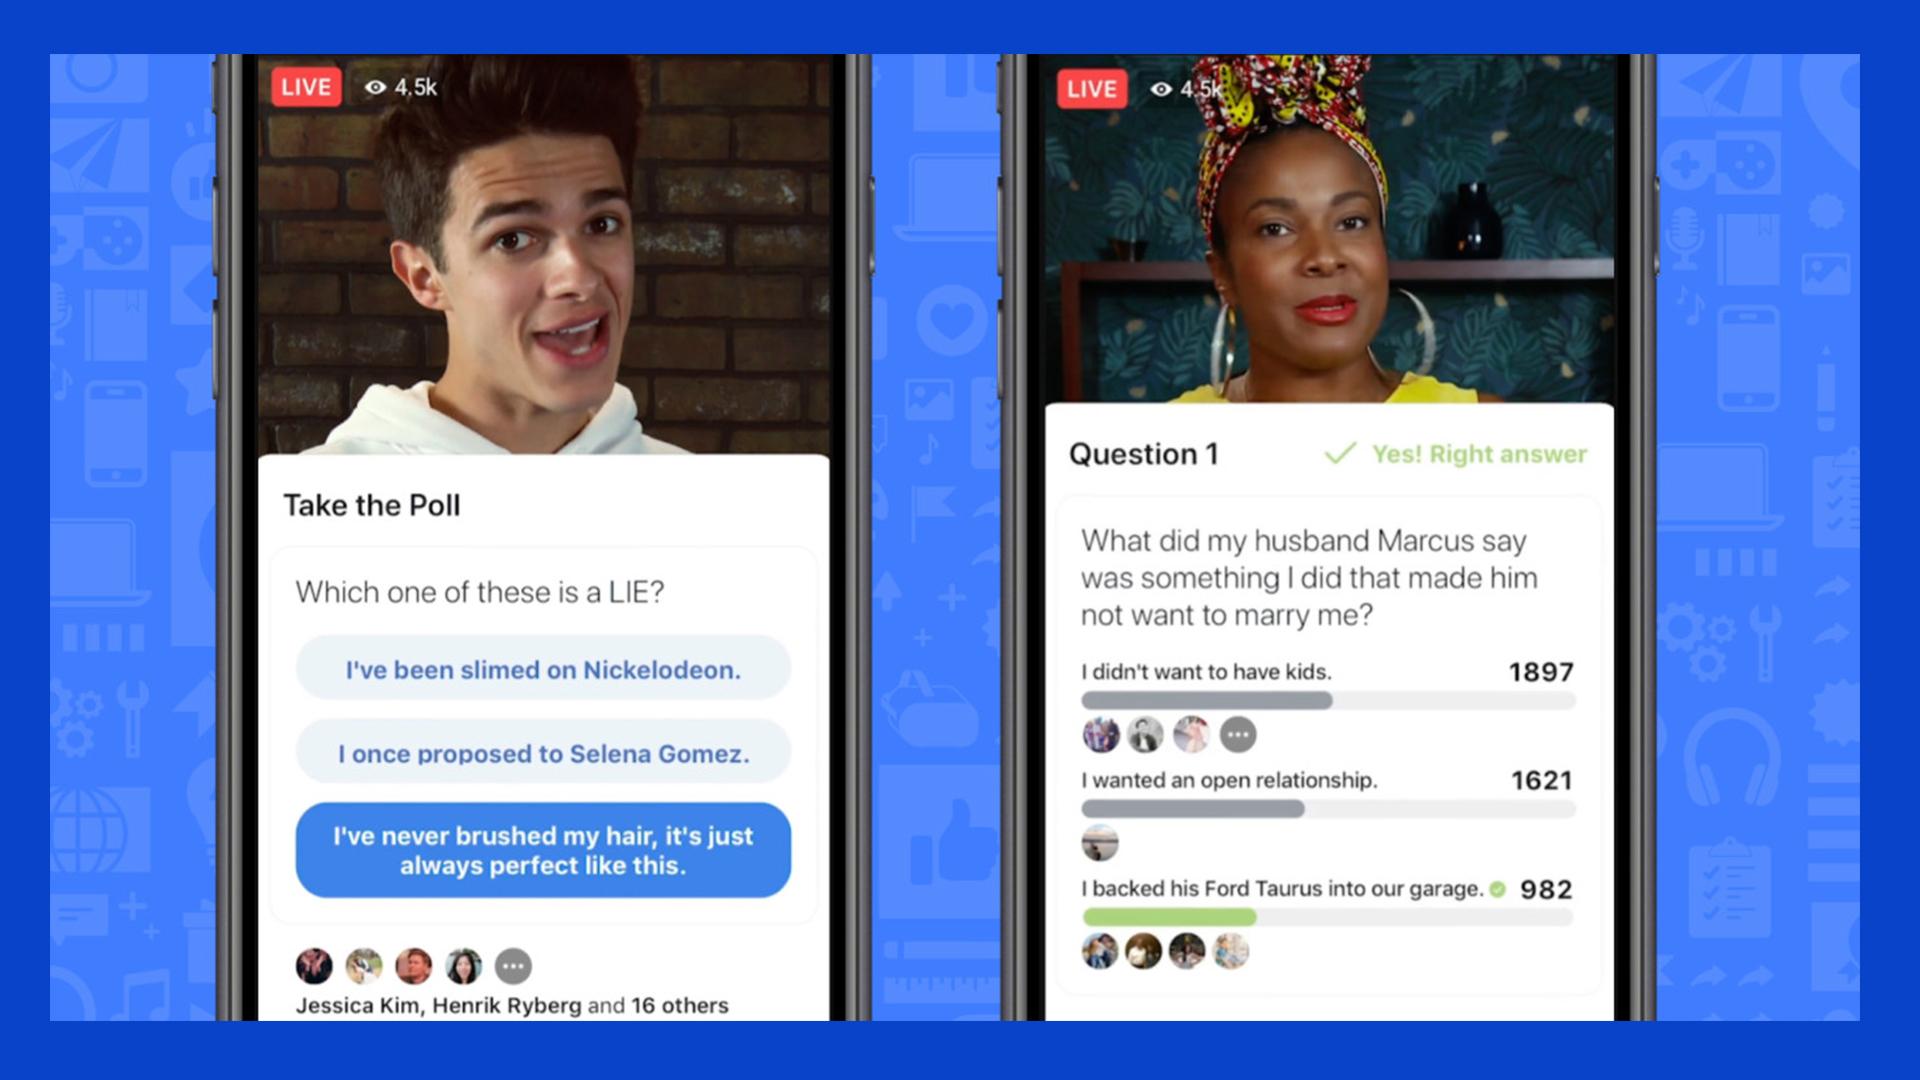 Facebook ไม่น้อยหน้า!! เพิ่มแพลตฟอร์มเกมโชว์ตอบปัญหาในวิดีโอ Live คล้าย Panya